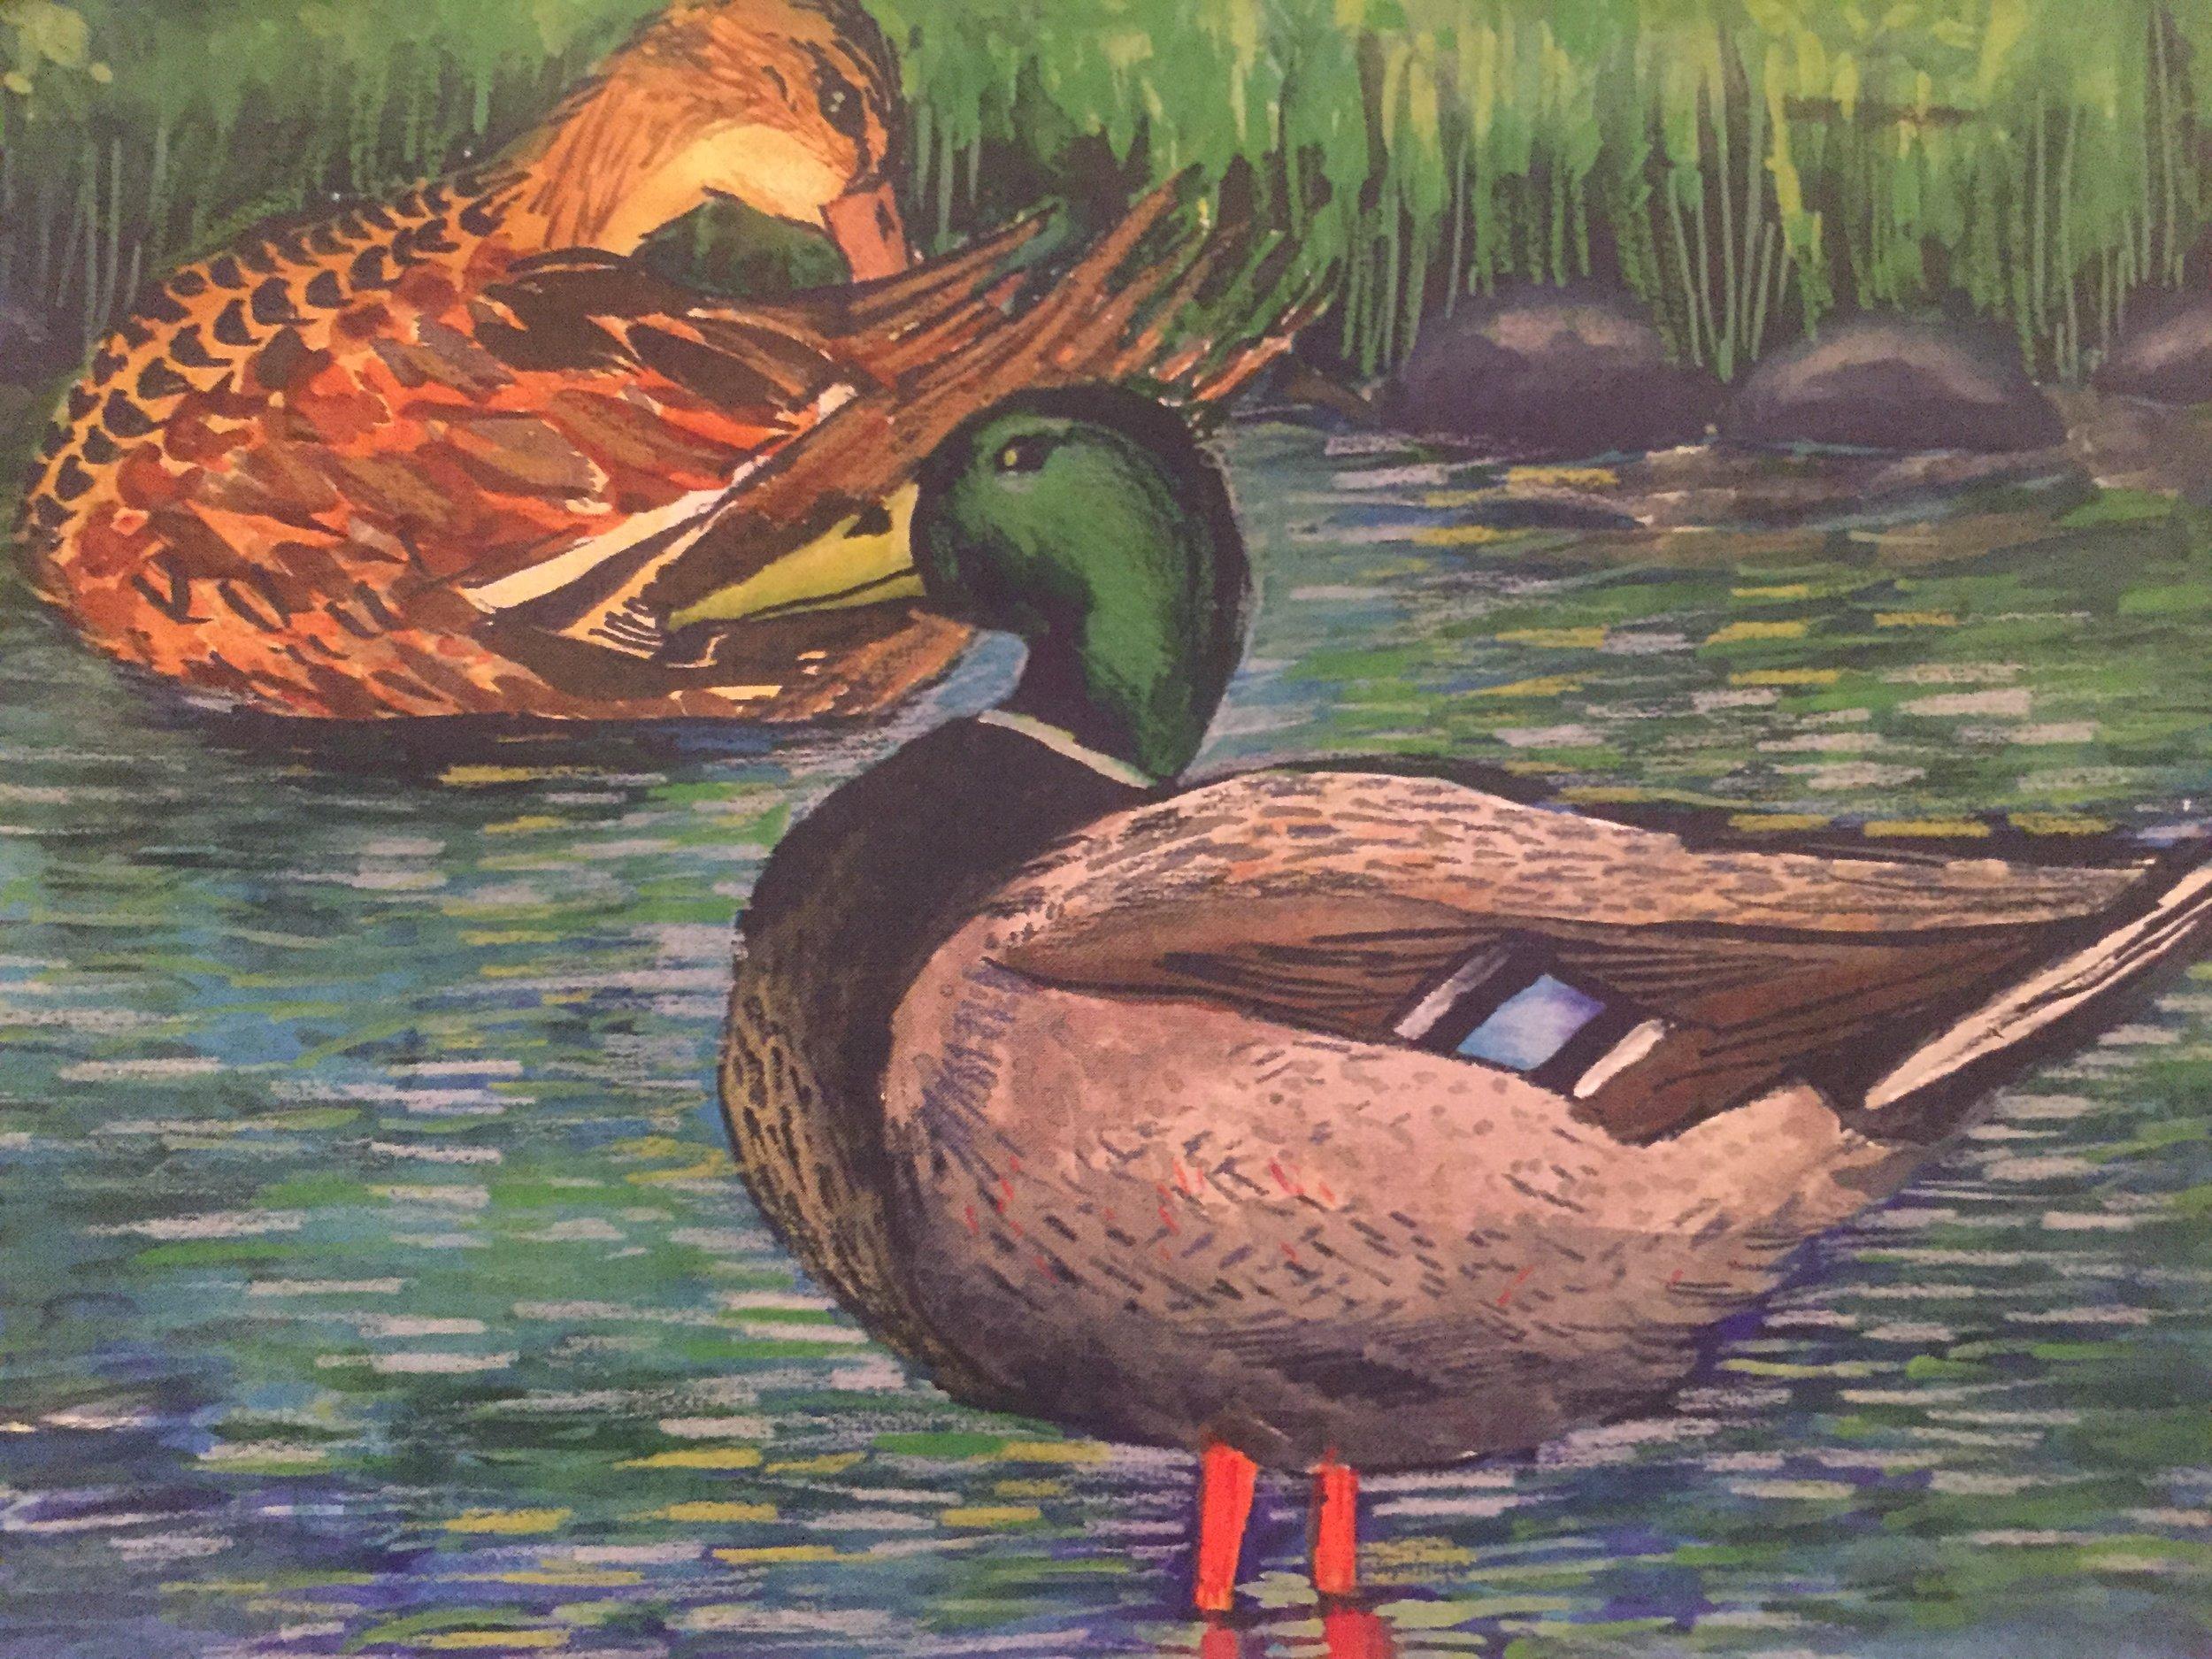 Mallard Ducks, Colored Pencils on Watercolor